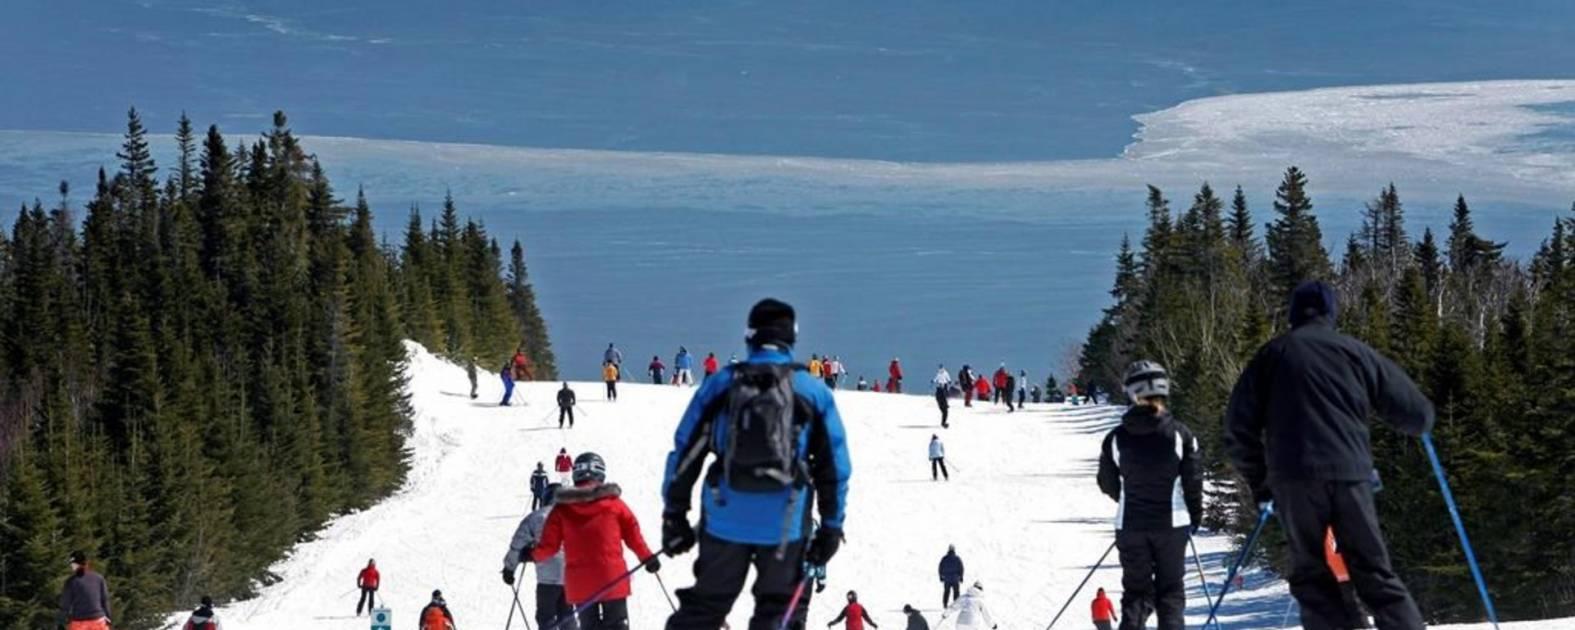 COVID-19: les stations de ski demeurent ouvertes et adaptent leurs opérations